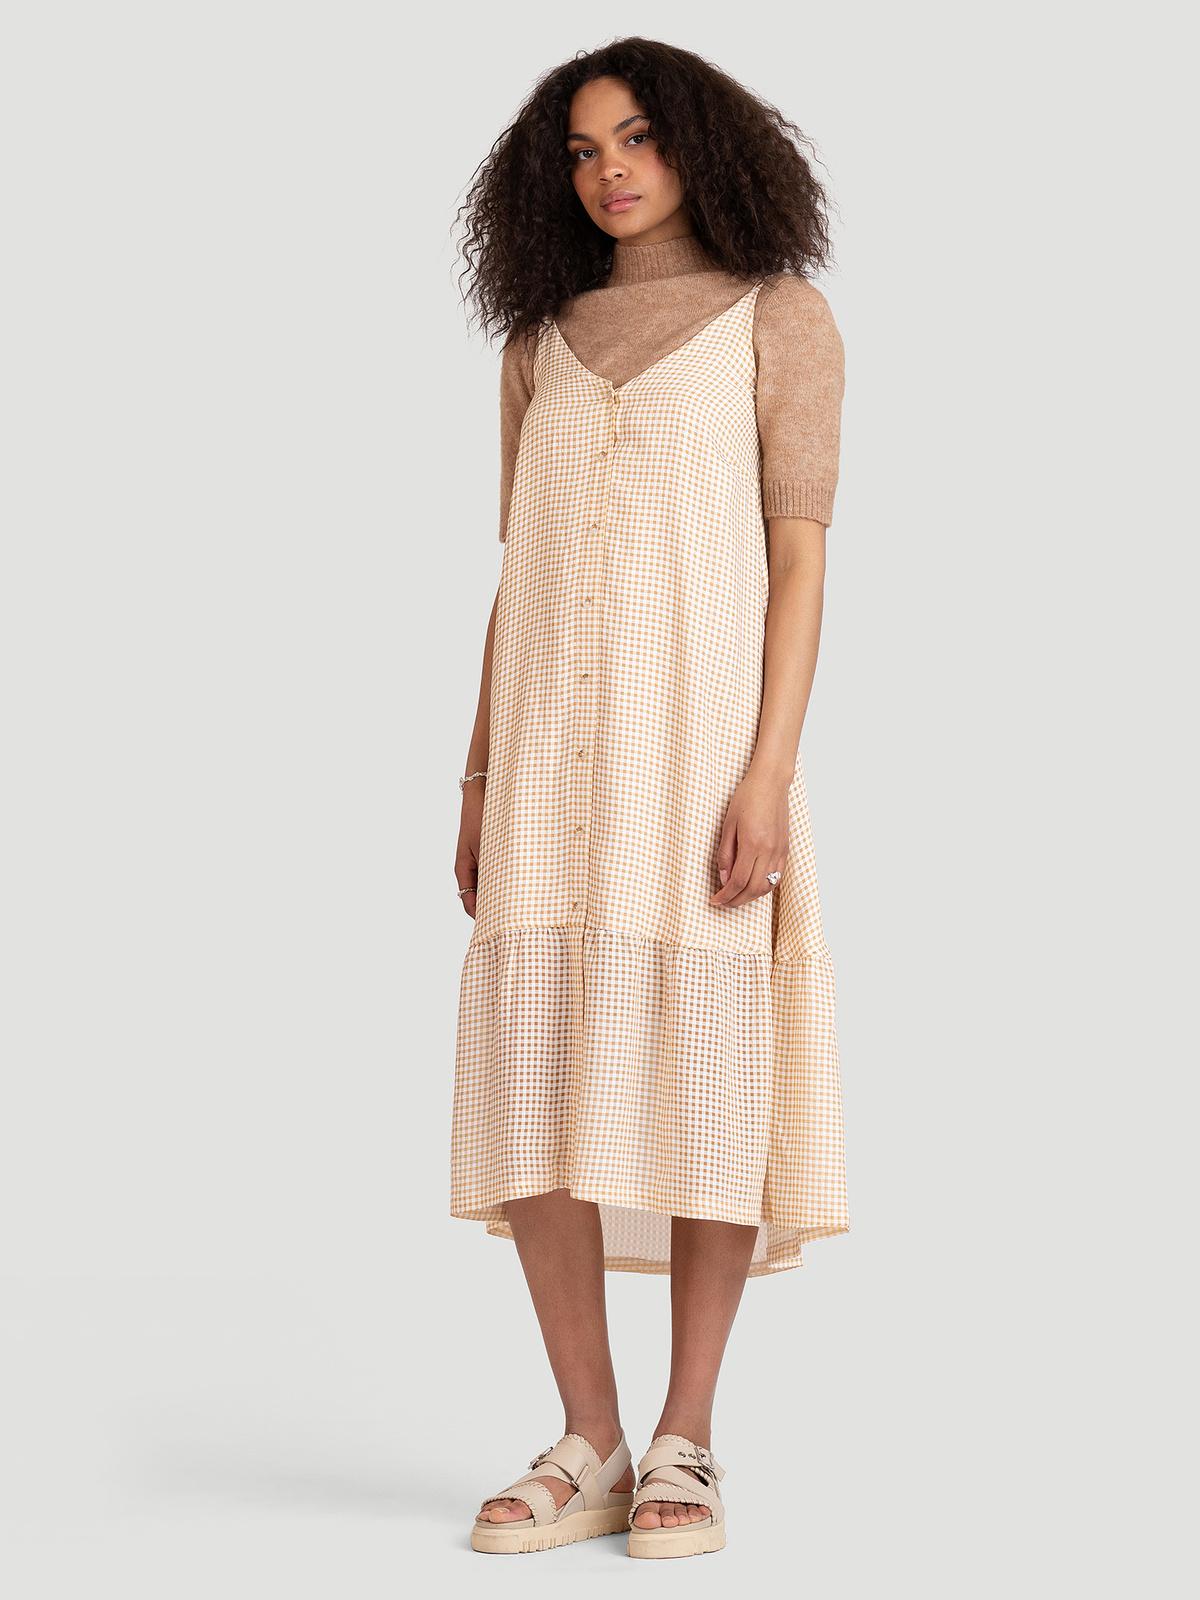 Svinten Check Dress  Lt. Camel Mix 0